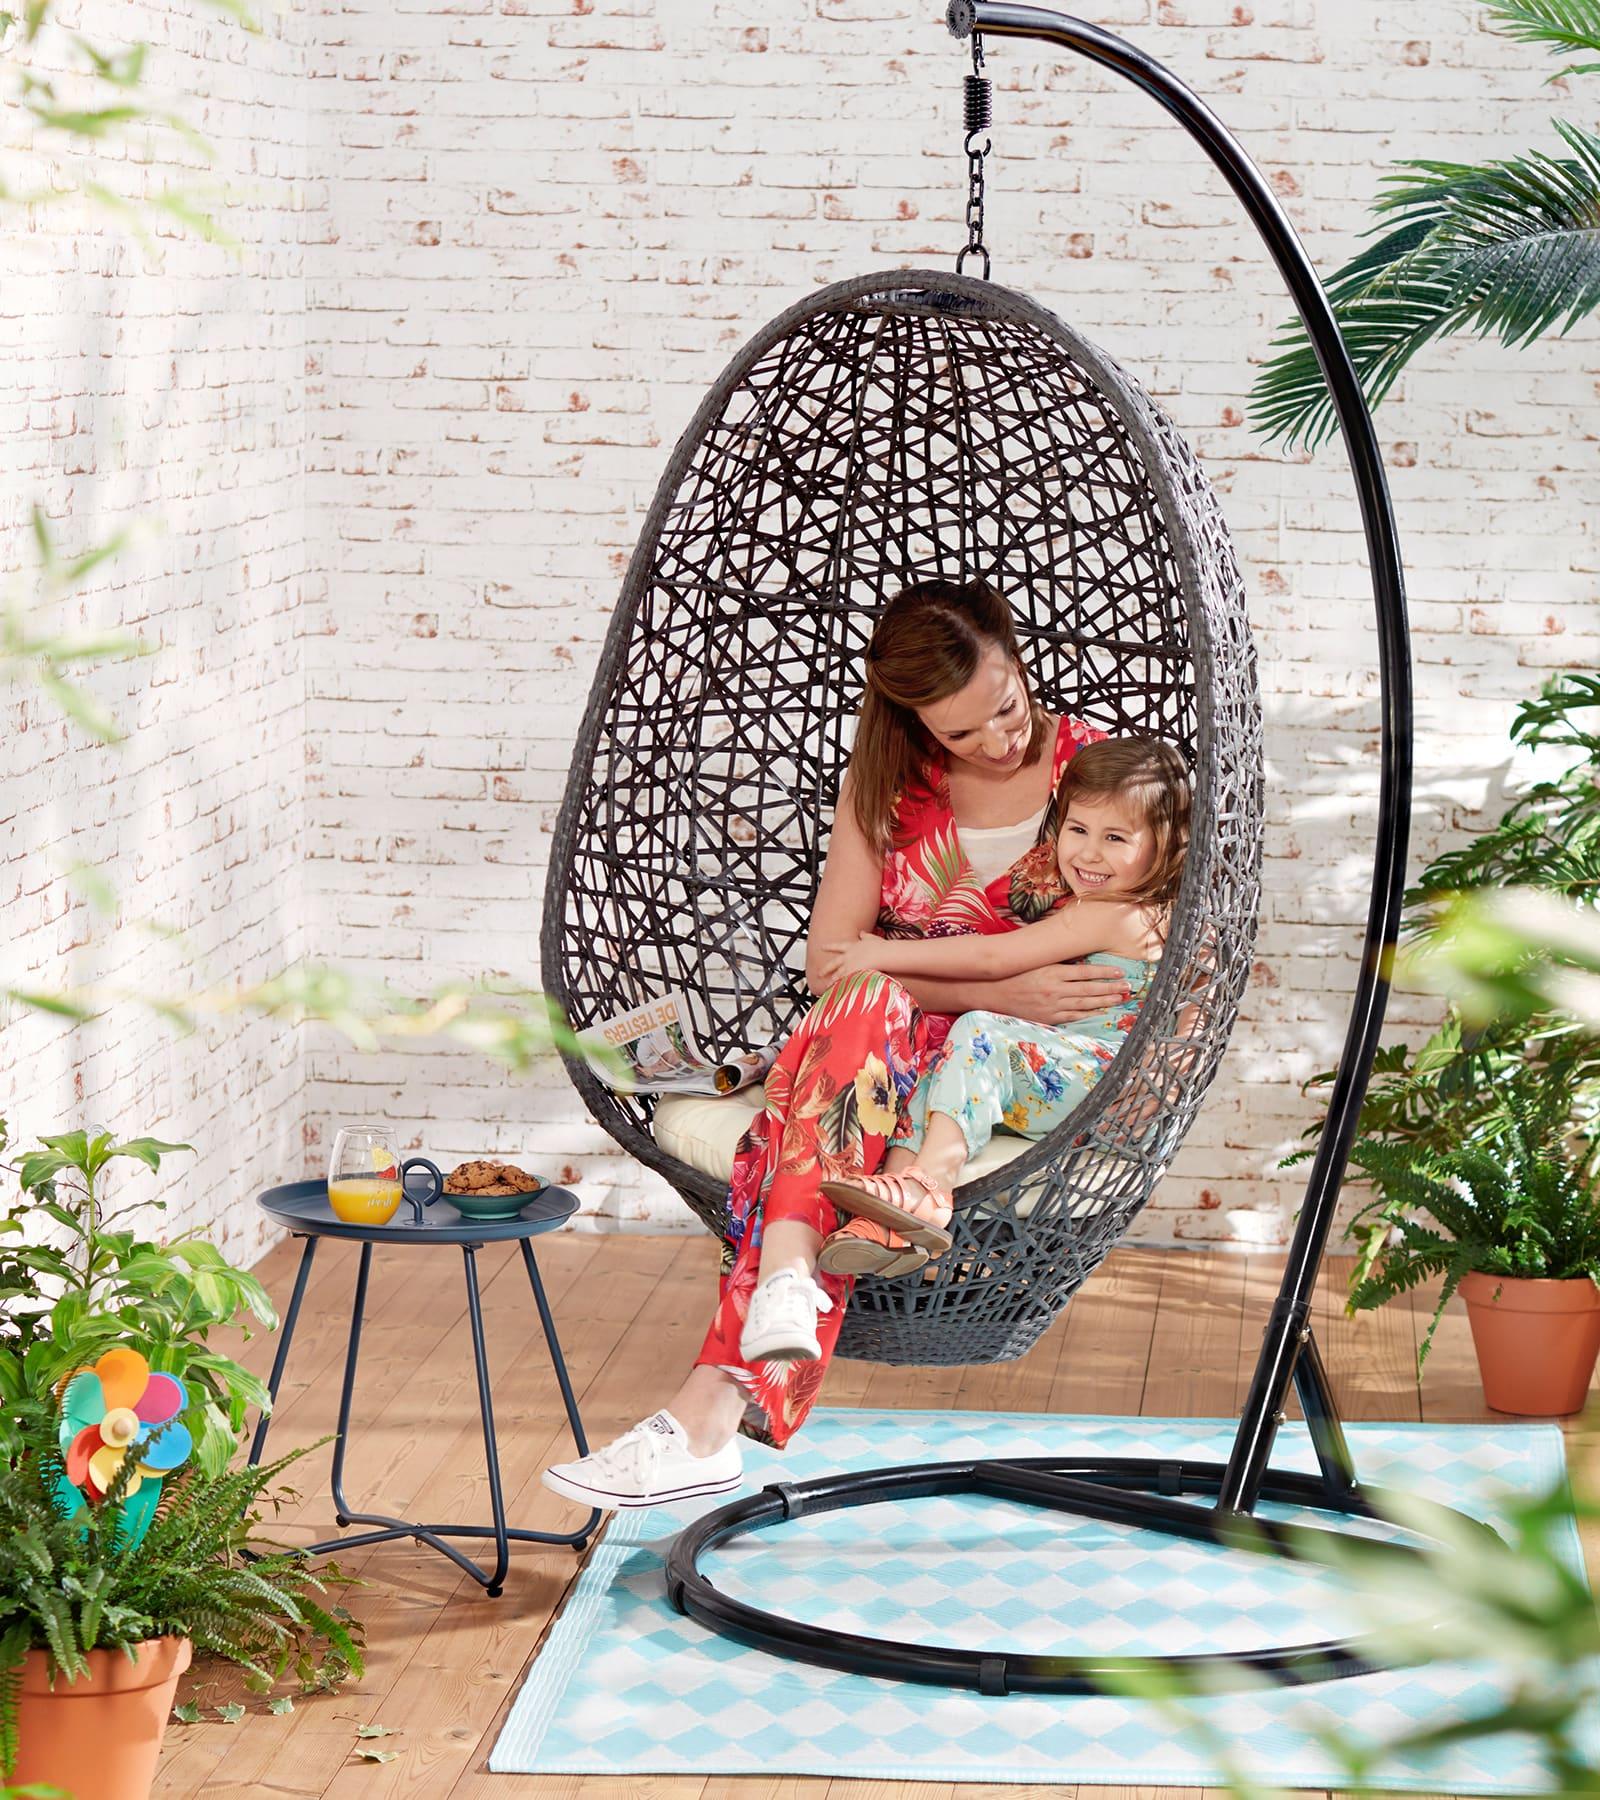 bon coin 89 jardinage fabulous alle de jardin en pavs de rcup with bon coin 89 jardinage free. Black Bedroom Furniture Sets. Home Design Ideas